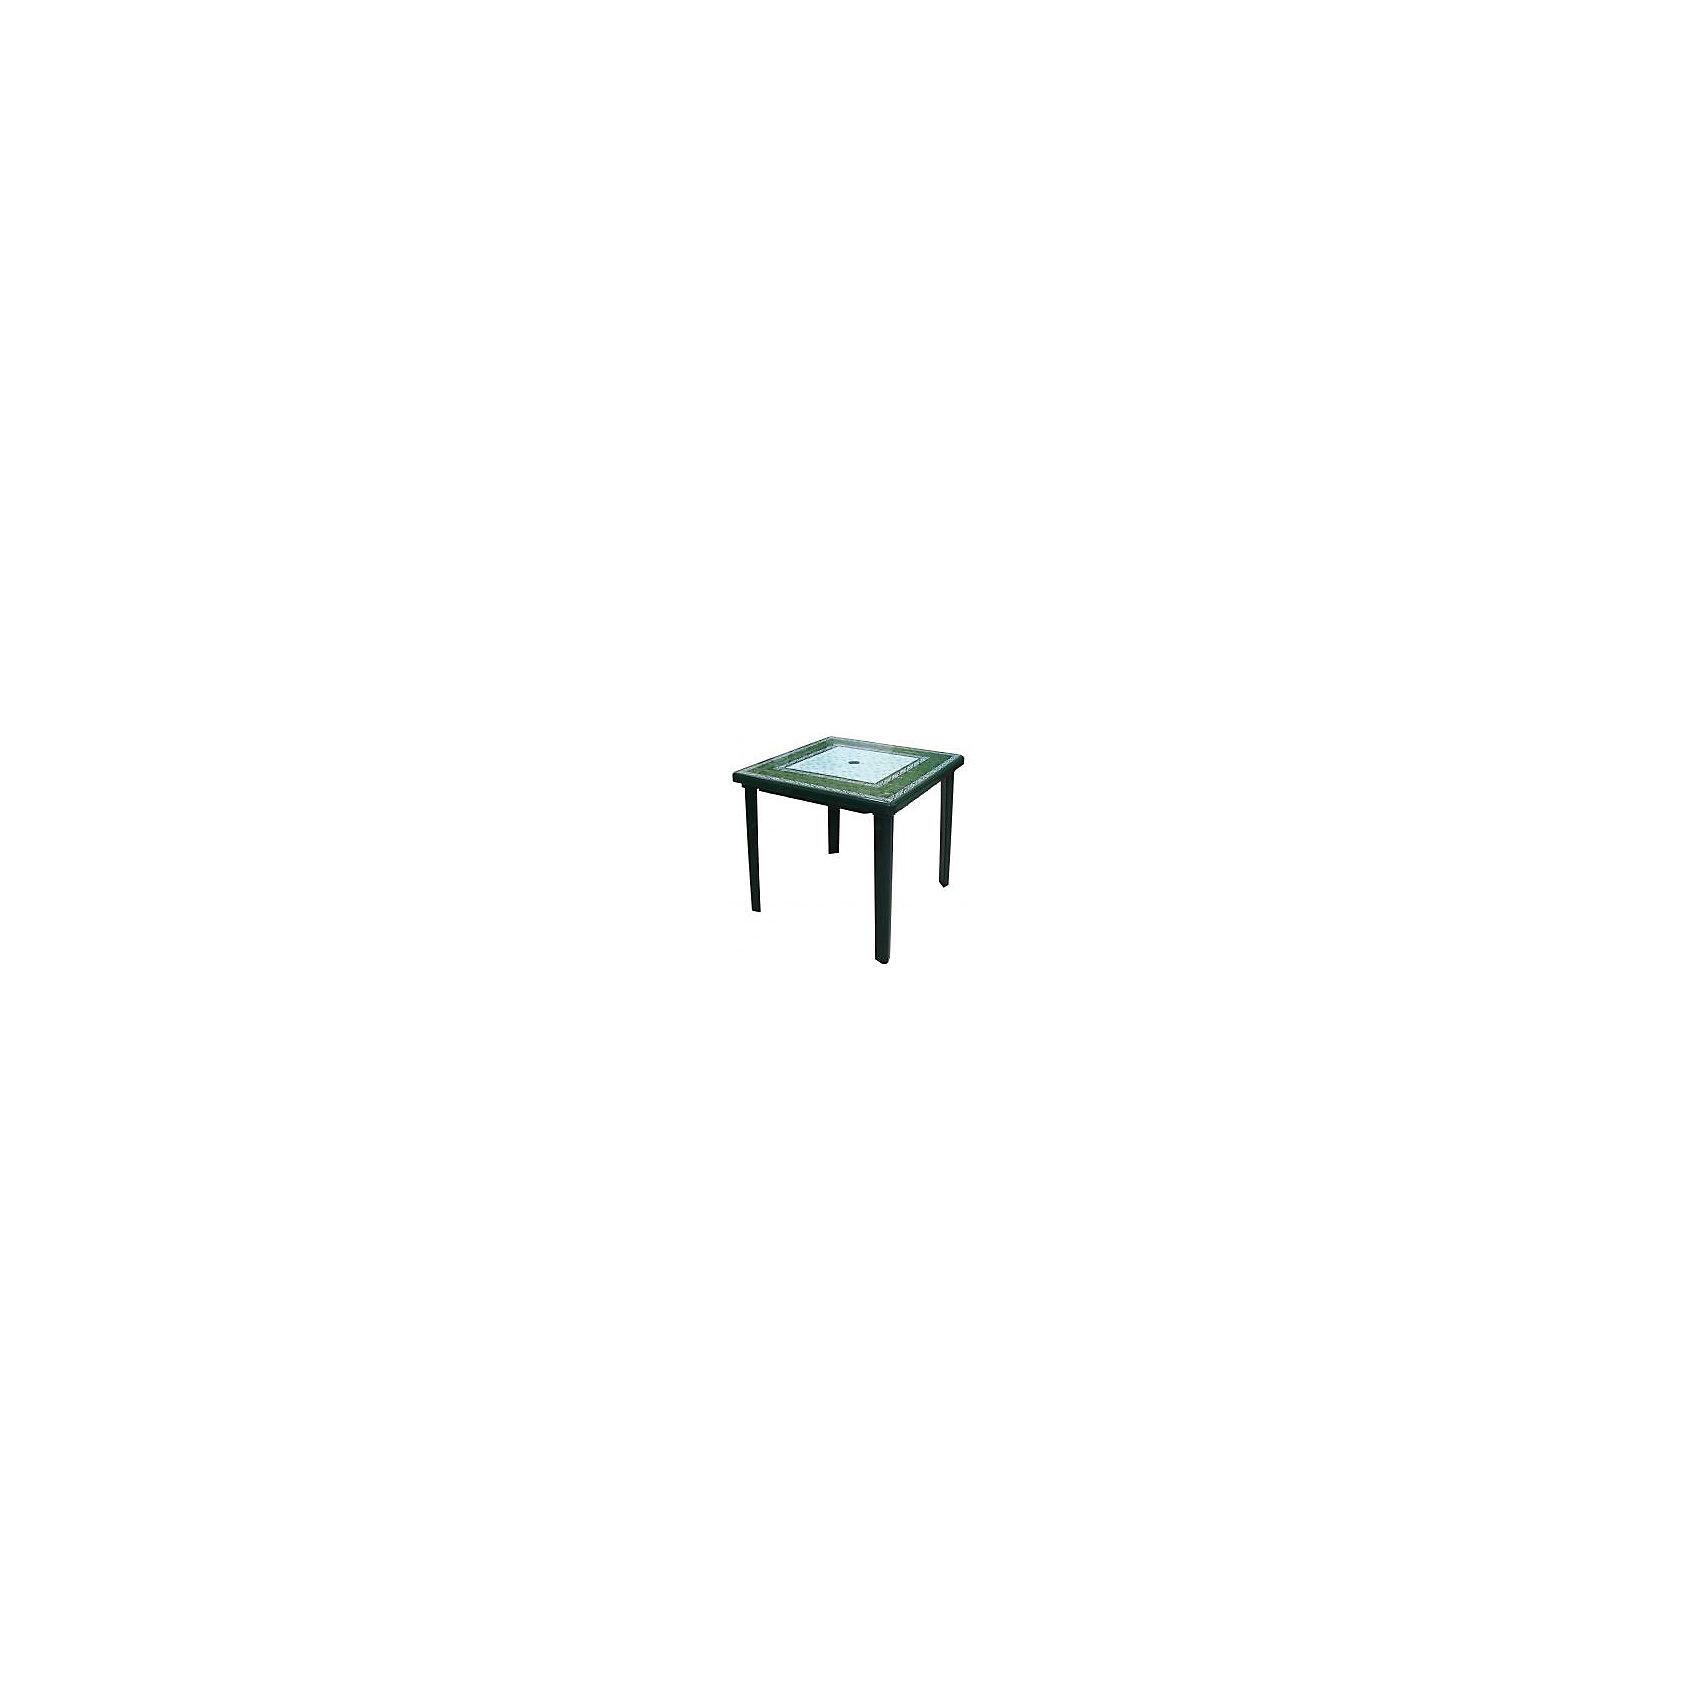 Стол Малахит квадр.800х800х740, Alternativa, тёмно-зеленыйМебель<br>Стол Малахит квадр.800х800х740, Alternativa (Альтернатива), тёмно-зеленый<br><br>Характеристики:<br><br>• яркий узор на поверхности<br>• цвет: темно-зеленый<br>• размер: 80х80х74 см<br>• материал: полипропилен<br>• вес: 4,594 кг<br><br>Стол Малахит от российского производителя Альтернатива изготовлен из полипропилена. Он неприхотлив в уходе, легко очищается от загрязнений, а его ножки устойчиво располагаются на поверхности. Поверхность стола оформлена ярким мозаичным узором, прекрасно дополняющим любой интерьер.<br><br>Стол Малахит квадр.800х800х740, Alternativa (Альтернатива), тёмно-зеленый вы можете купить в нашем интернет-магазине.<br><br>Ширина мм: 800<br>Глубина мм: 800<br>Высота мм: 740<br>Вес г: 4594<br>Возраст от месяцев: 216<br>Возраст до месяцев: 1188<br>Пол: Унисекс<br>Возраст: Детский<br>SKU: 5475671